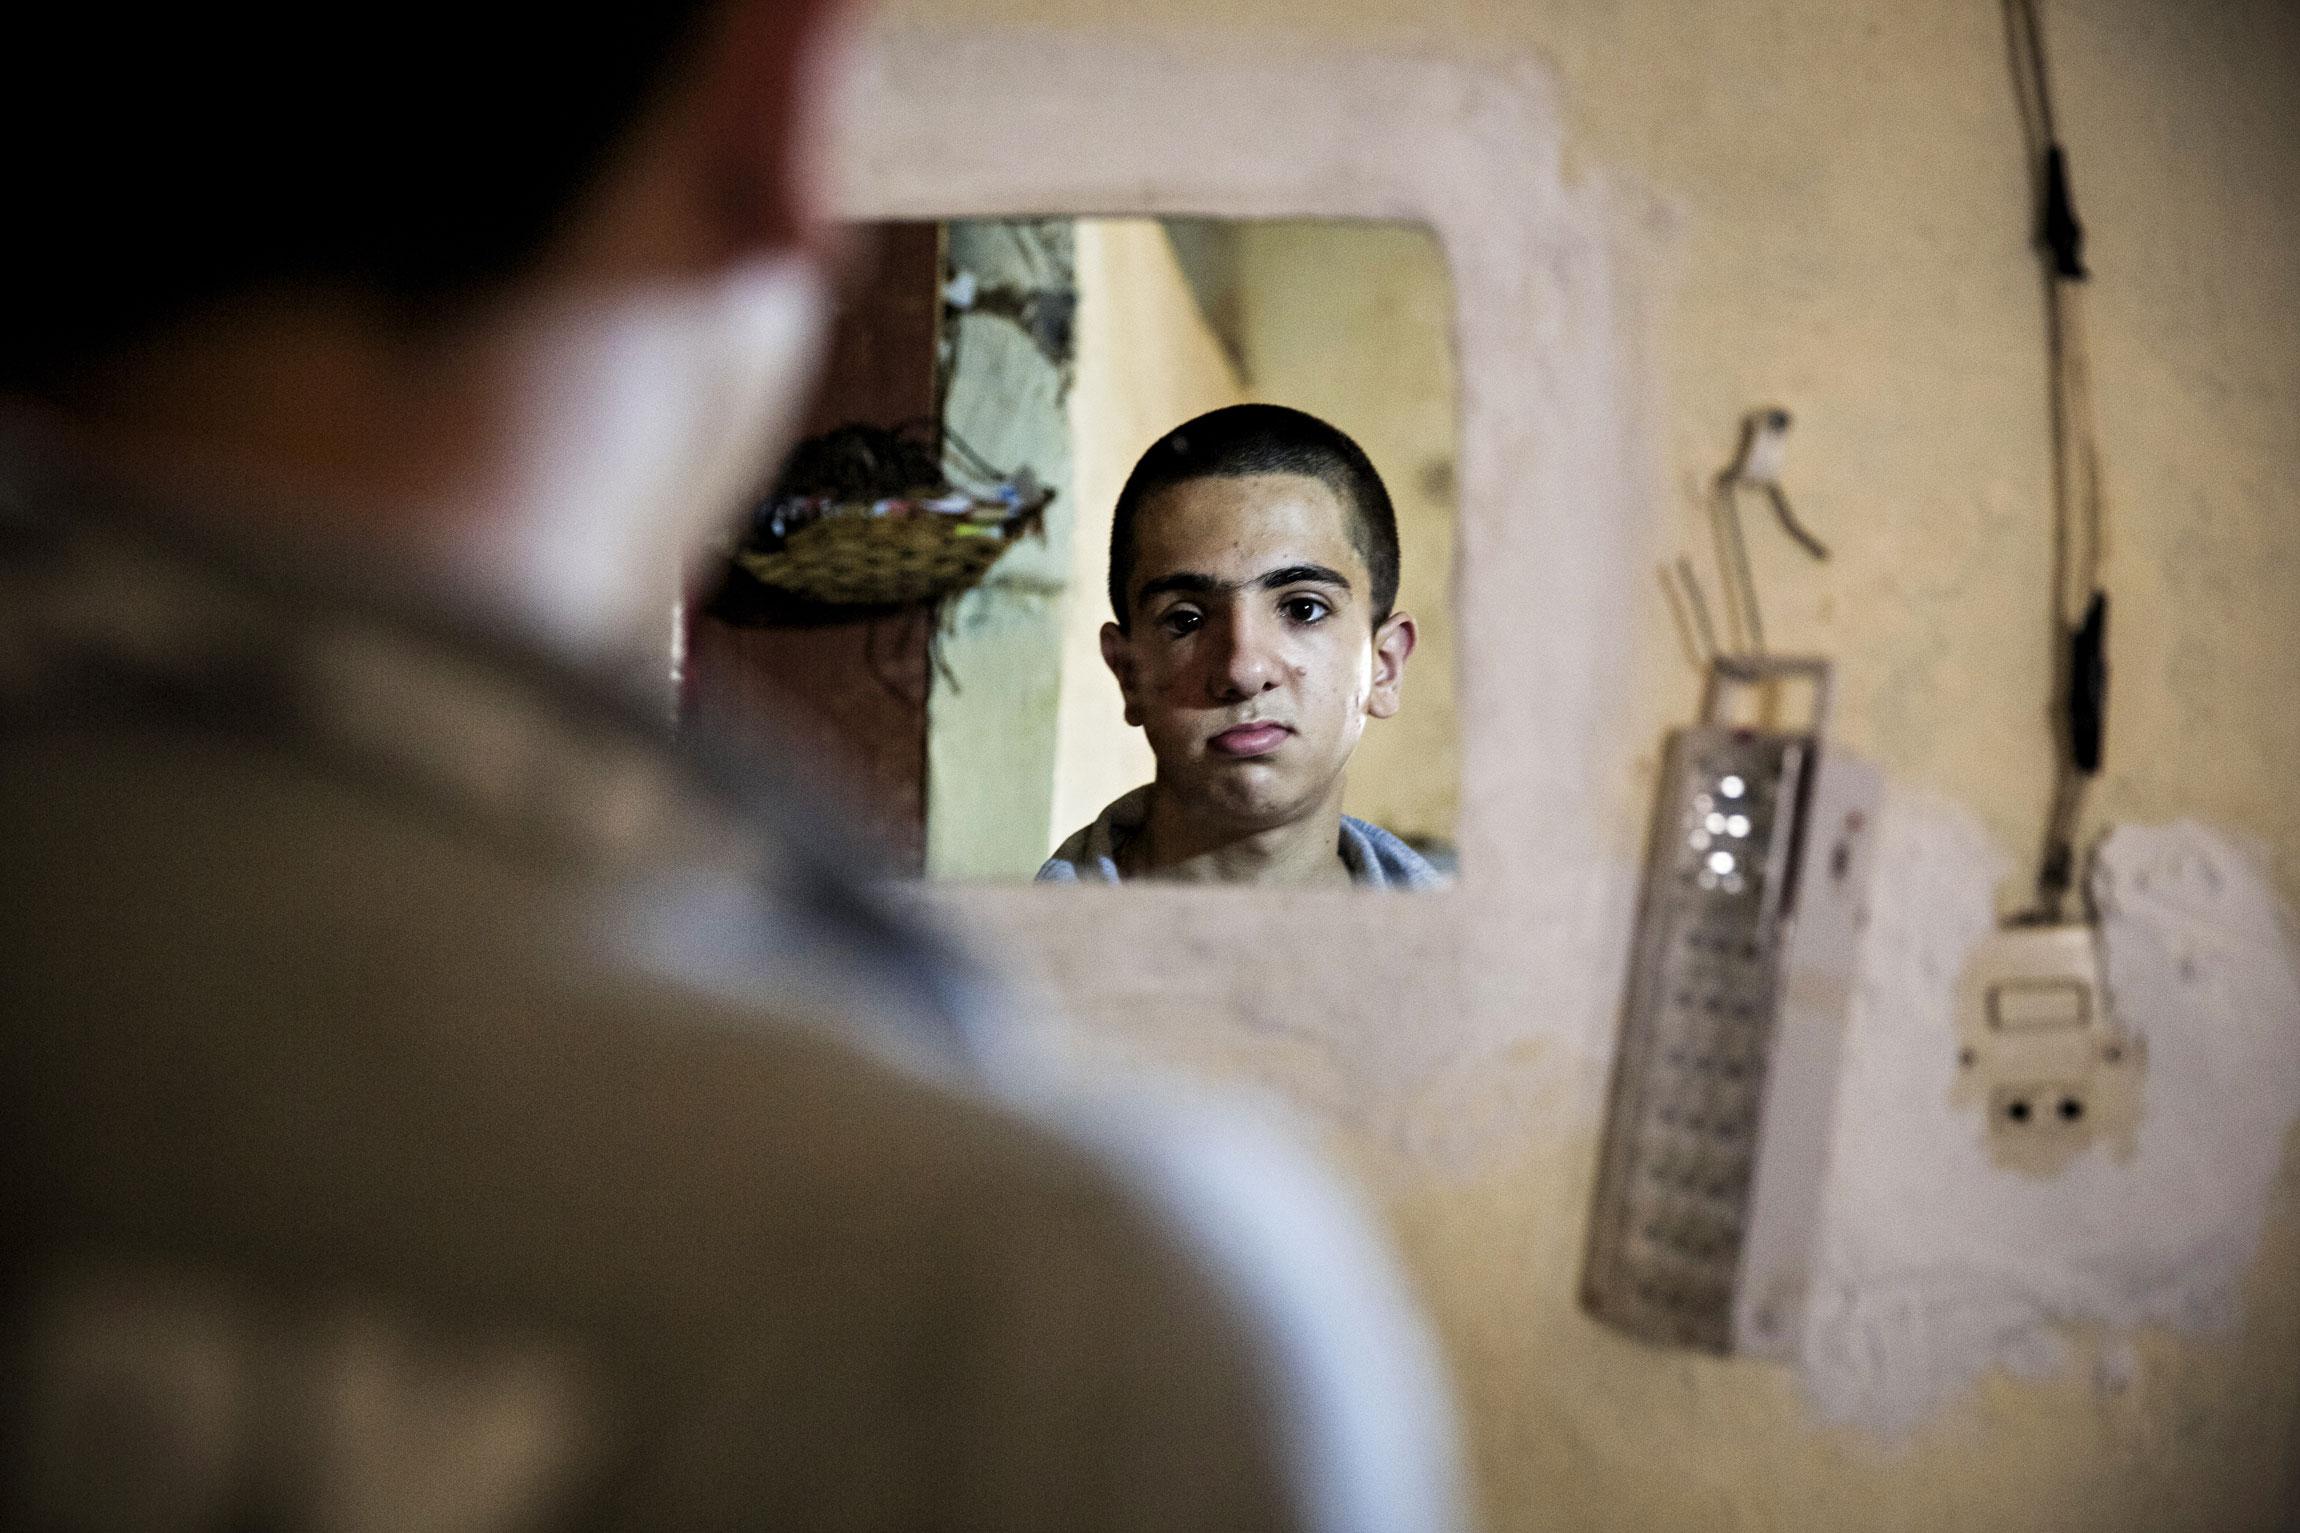 Amjad menetti osan näöstään, kasvoistaan ja äänestään kun sota tuli hänen kotiinsa.